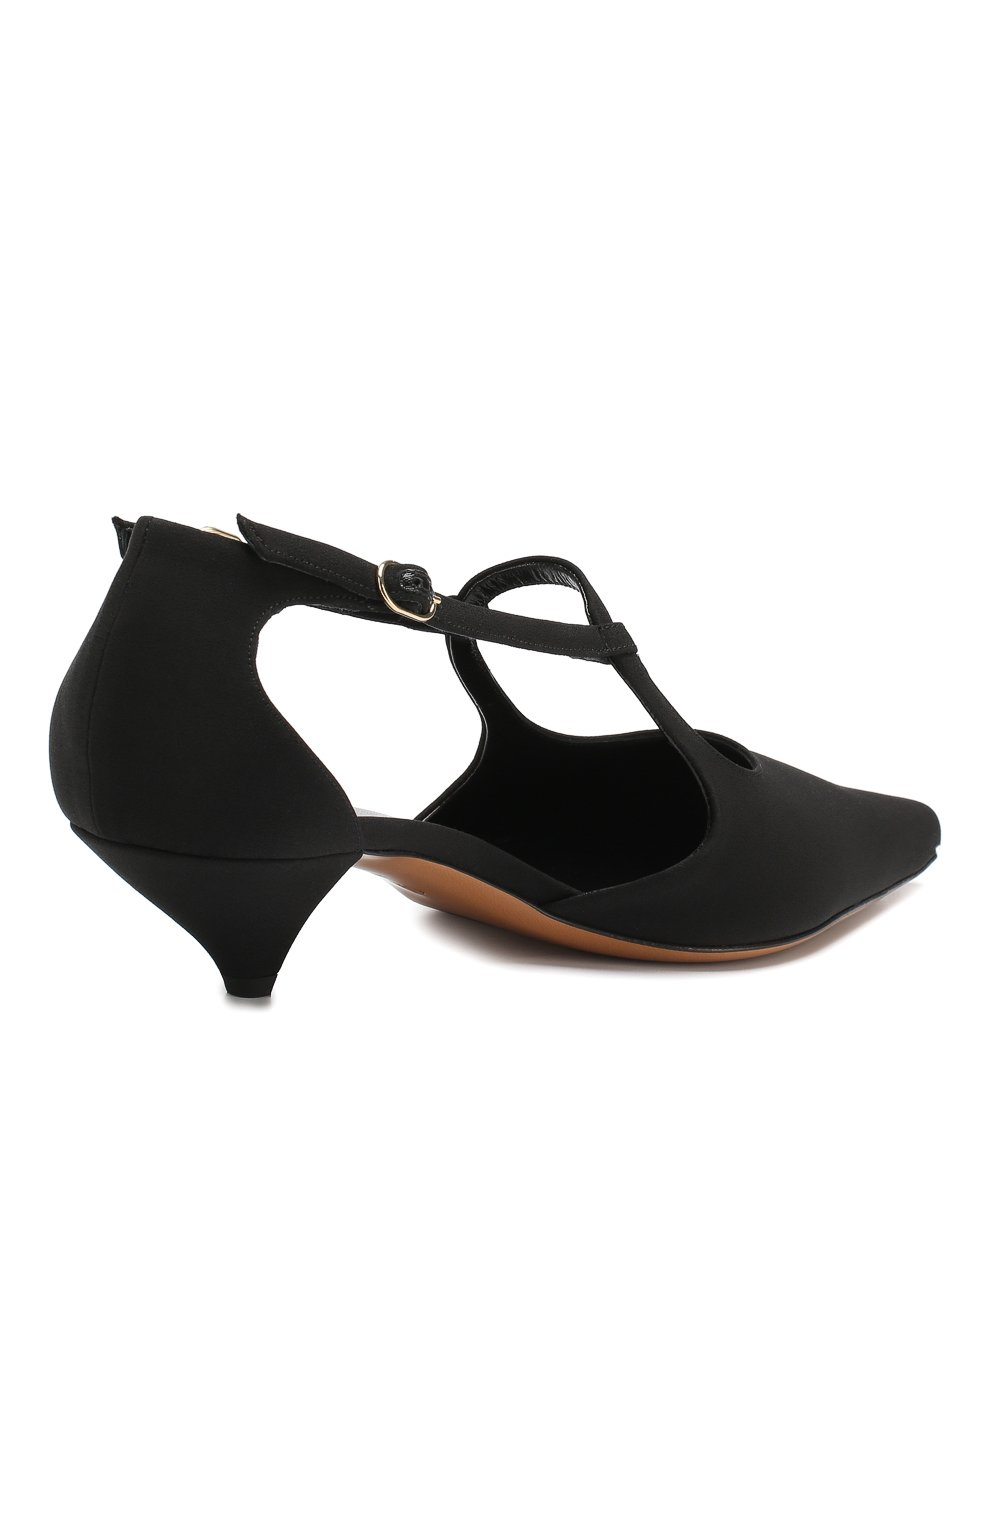 Замшевые туфли Bourgeoise  The Row черные | Фото №4